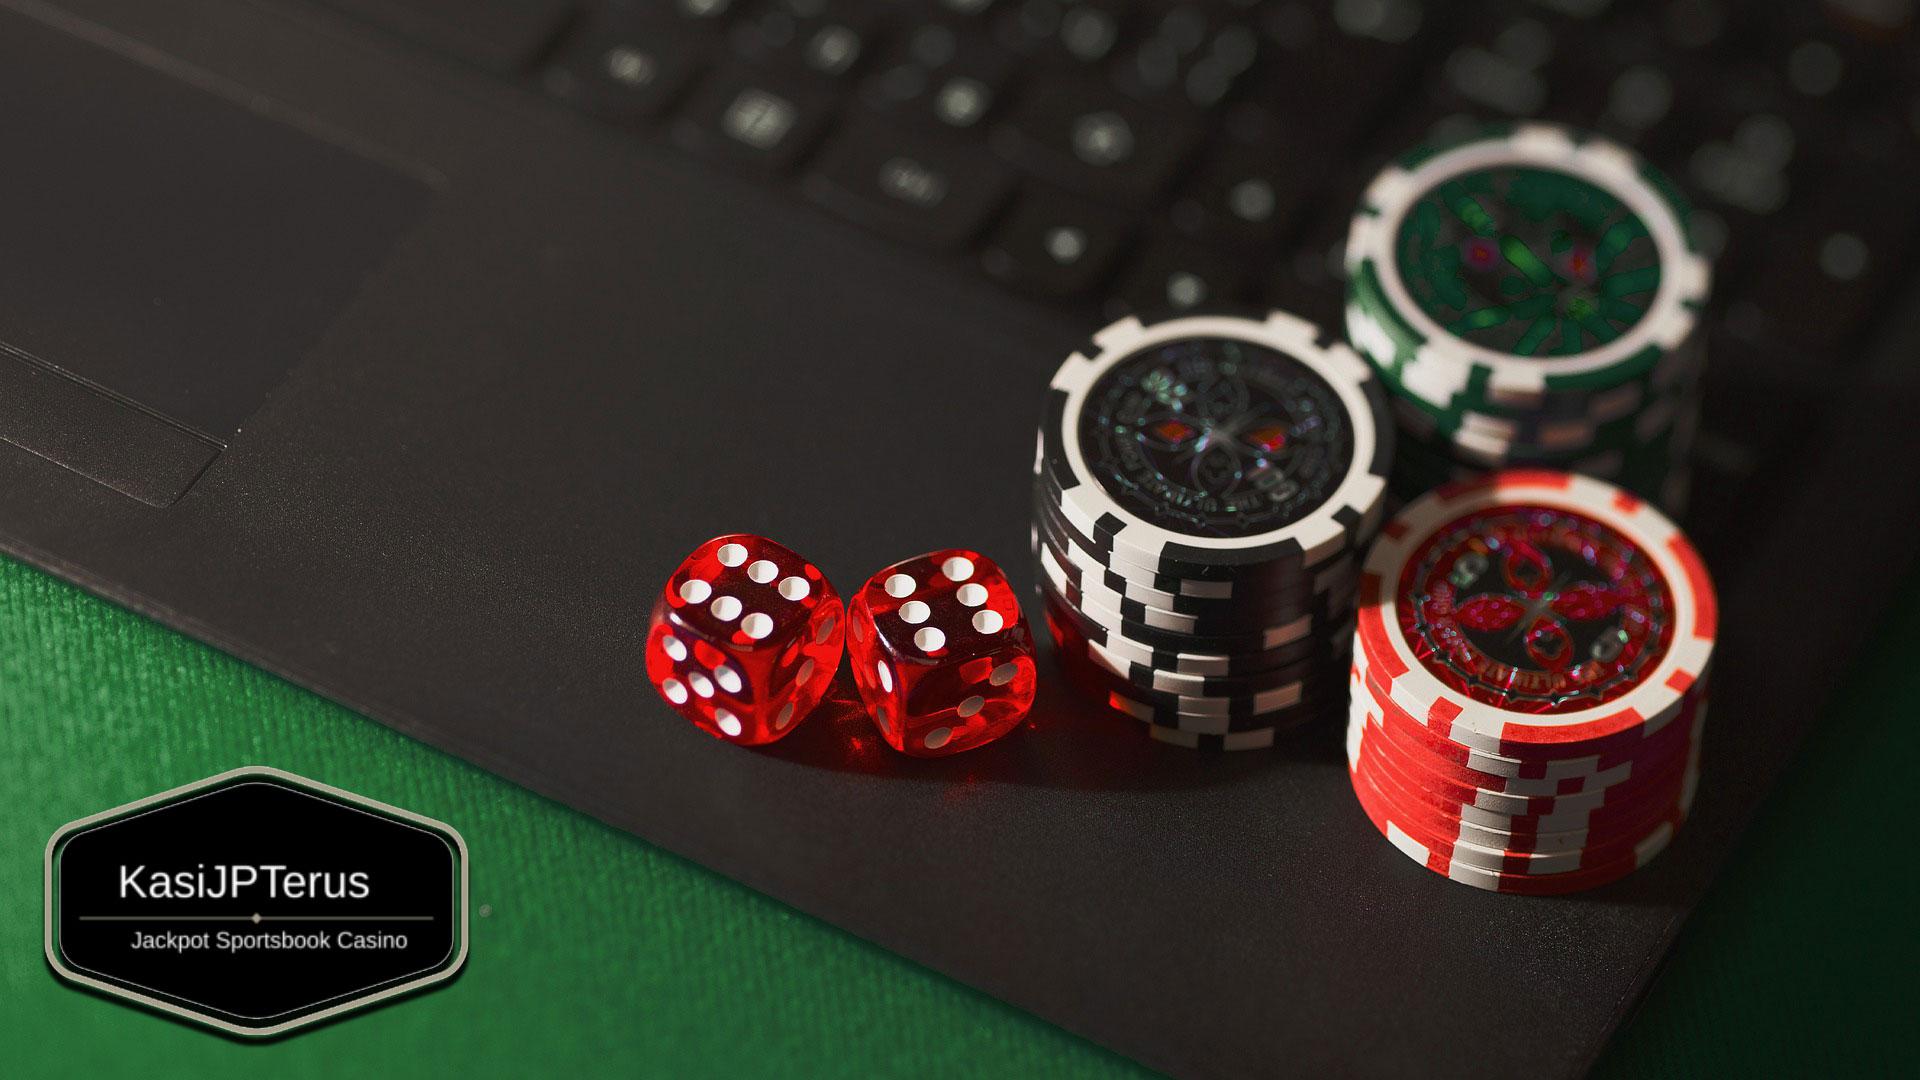 Cara Hindari Kalah Terus Dalam Taruhan Game Slot Agen Judi Online Kasi Jackpot Terus